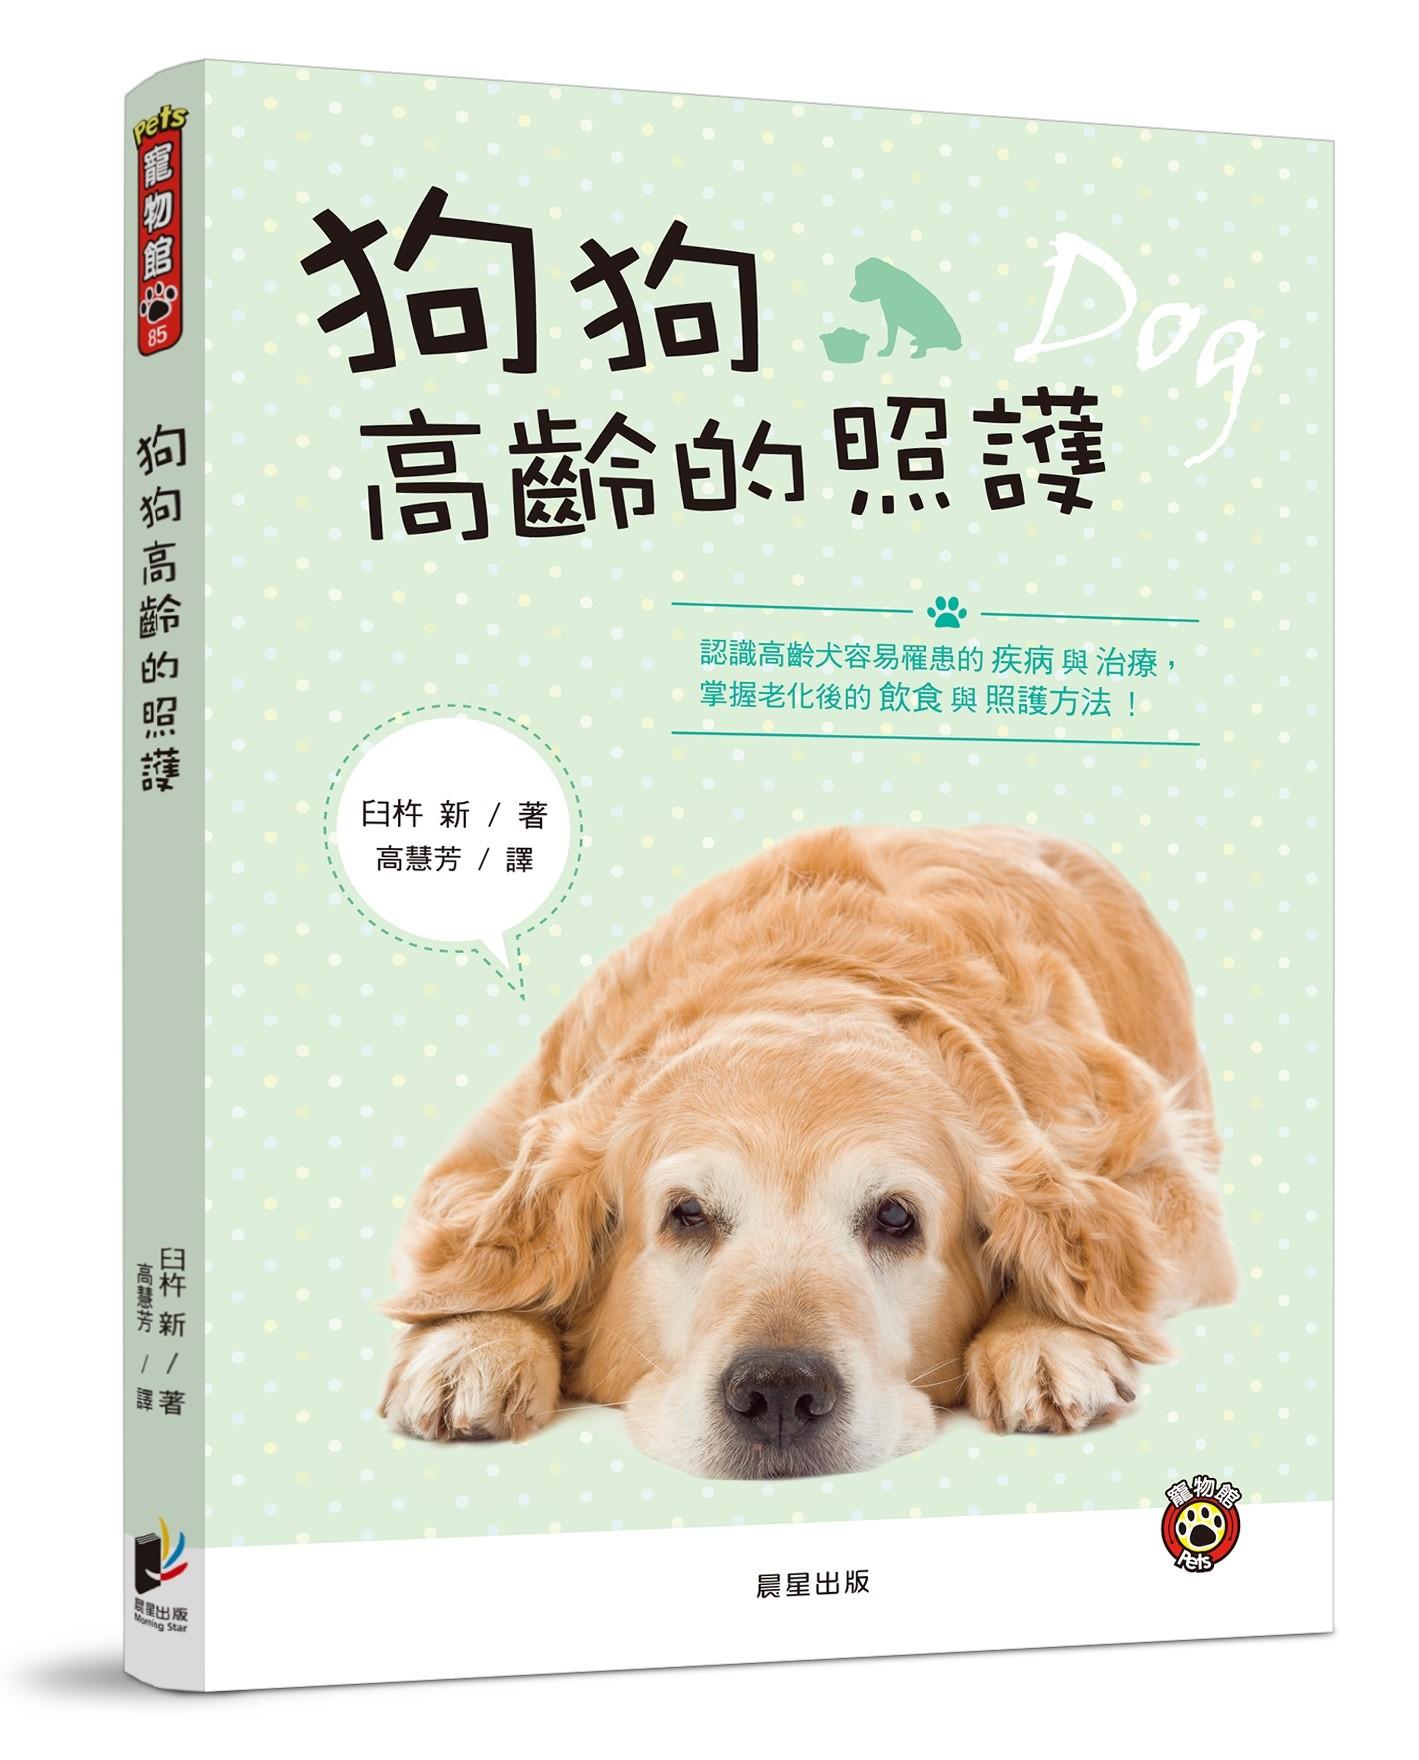 ▲狗狗高齡的照護:認識高齡犬容易罹患的疾病與治療,掌握老化後的飲食與照護方法!(圖/晨星出版提供)